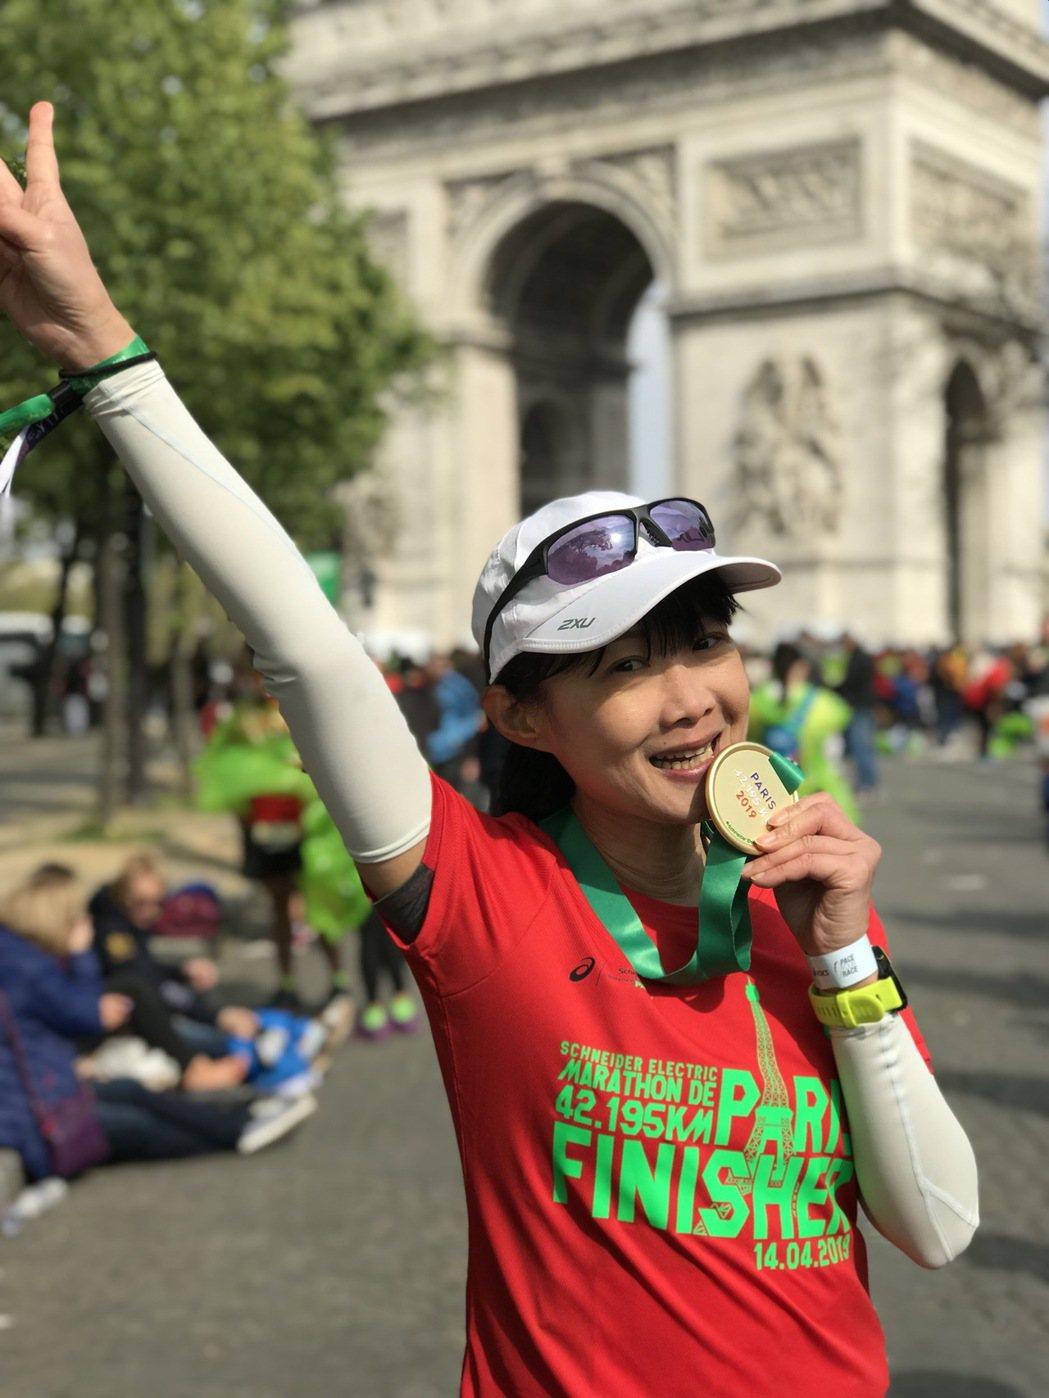 趙心屏2019年參加巴黎馬拉松。圖/好好聽FM提供